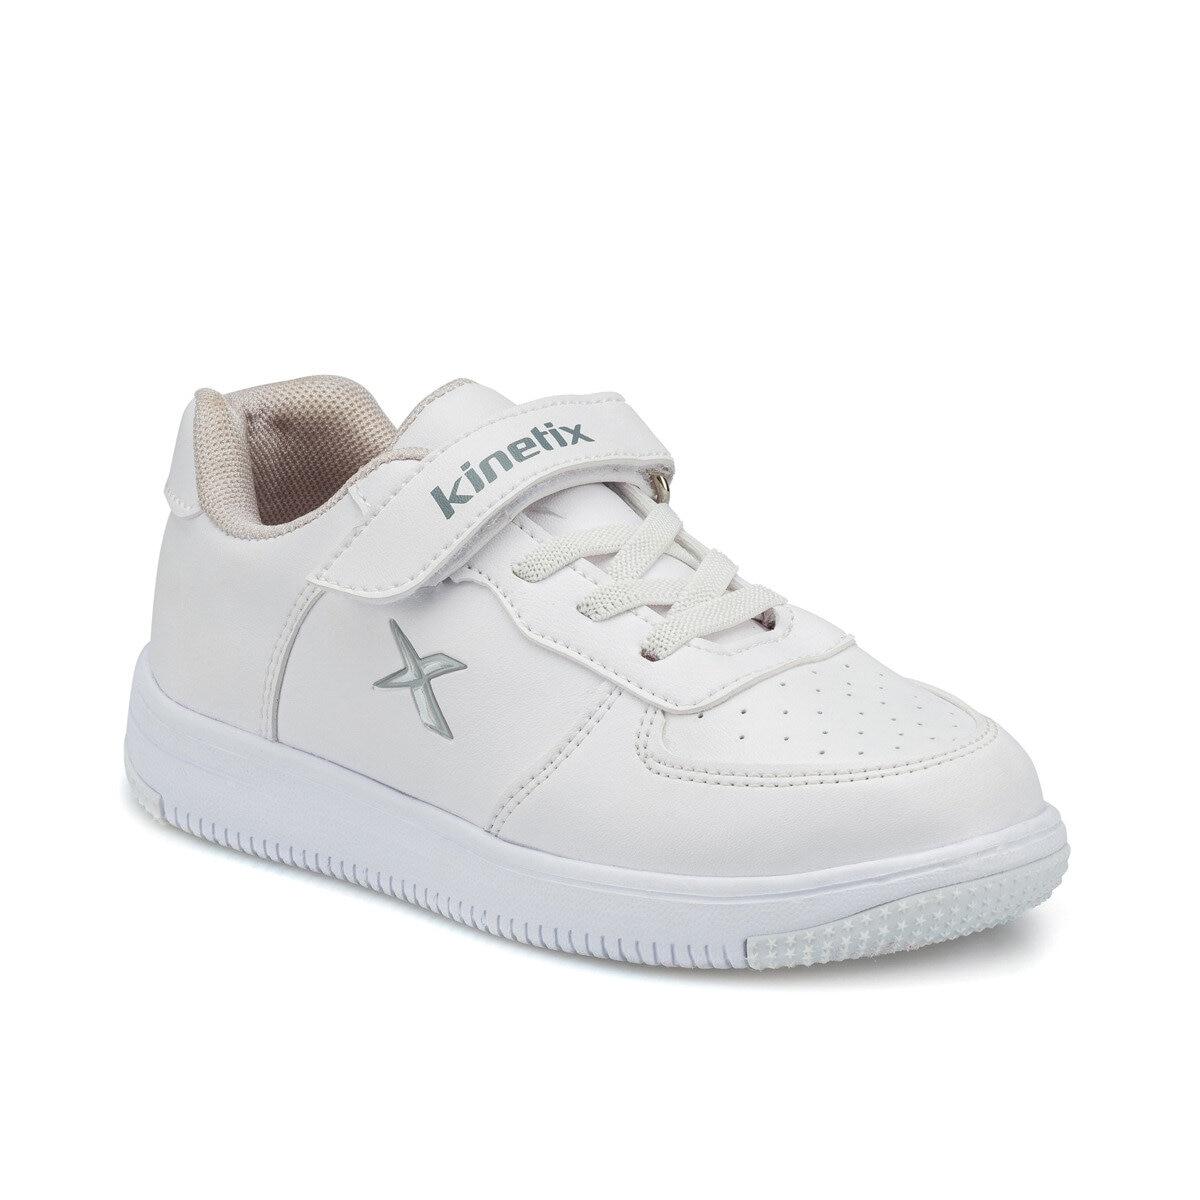 FLO KALEN White Male Child Sneaker Shoes KINETIX